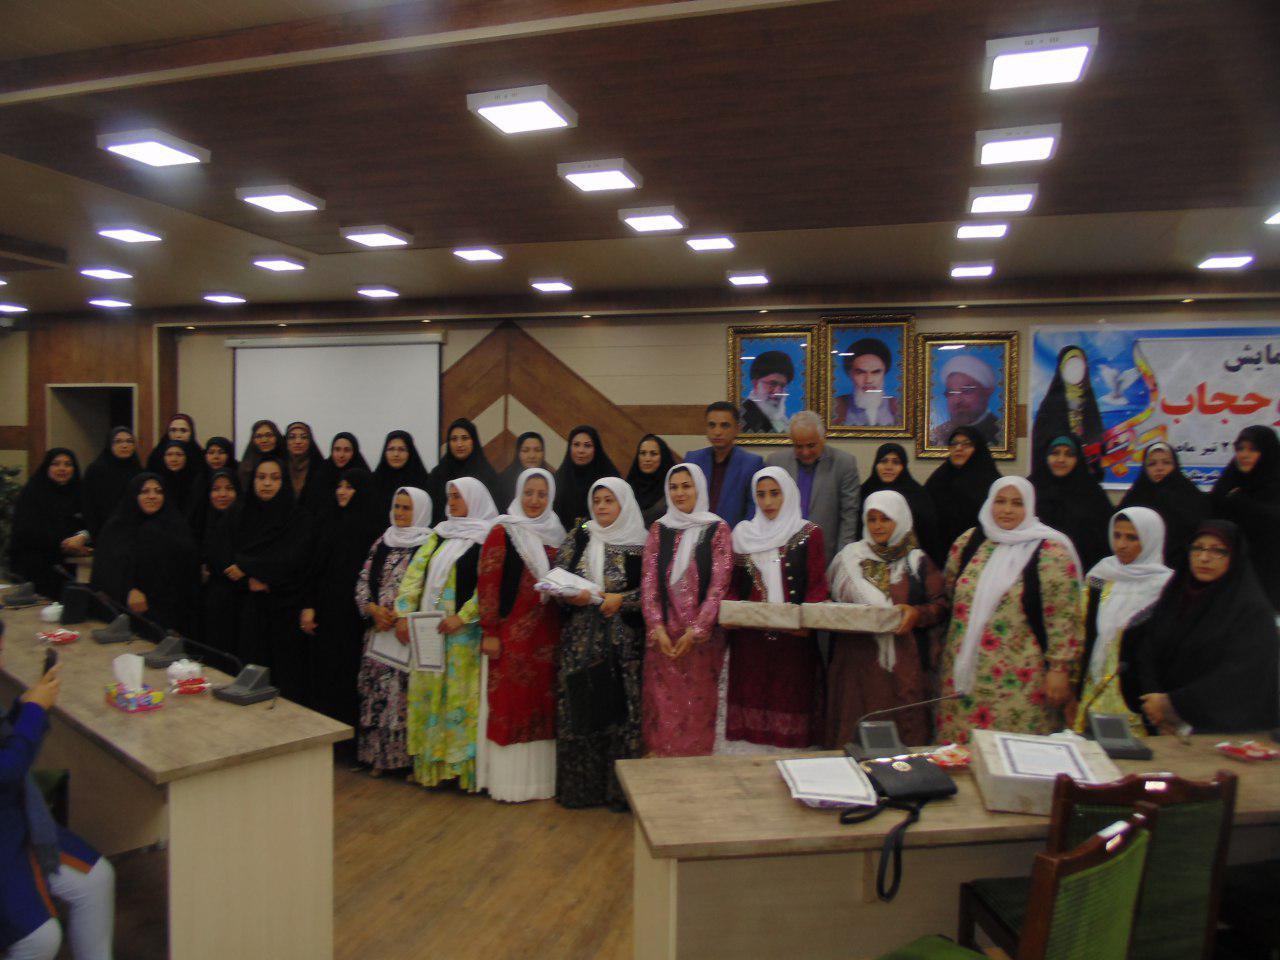 مراسم گرامیداشت هفته عفاف و حجاب در تالش+تصاویر